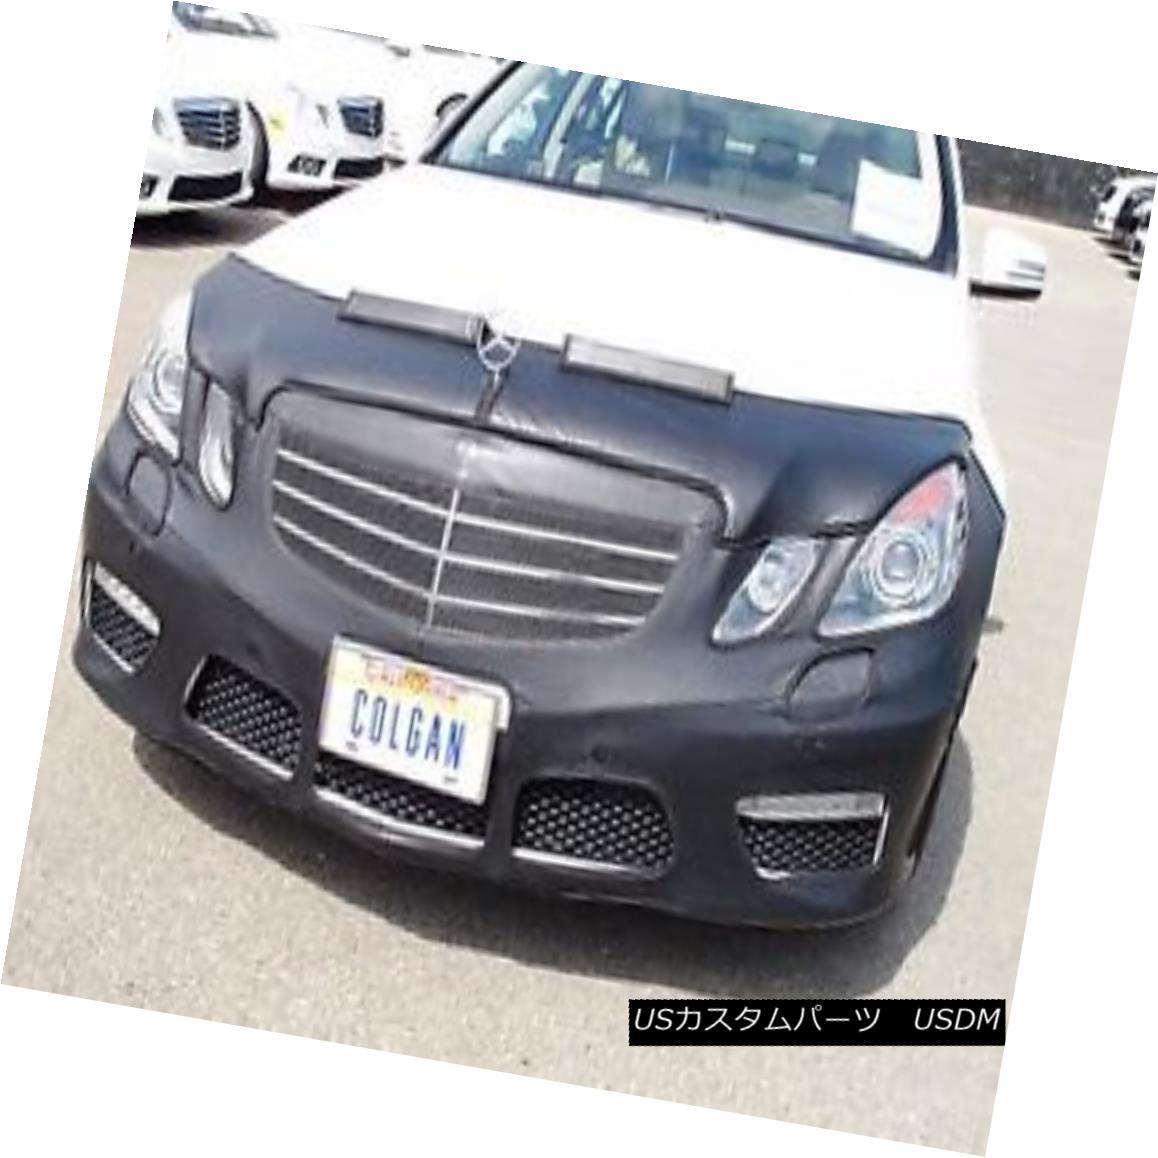 フルブラ ノーズブラ Colgan Front End Mask Bra 2pc. Fits Mercedes-Benz E63 W/Lic.Plate 2010-2012 コルガンフロントエンドマスクブラ2pc メルセデスベンツE63 W / Lic.Plate 2010-2012に適合